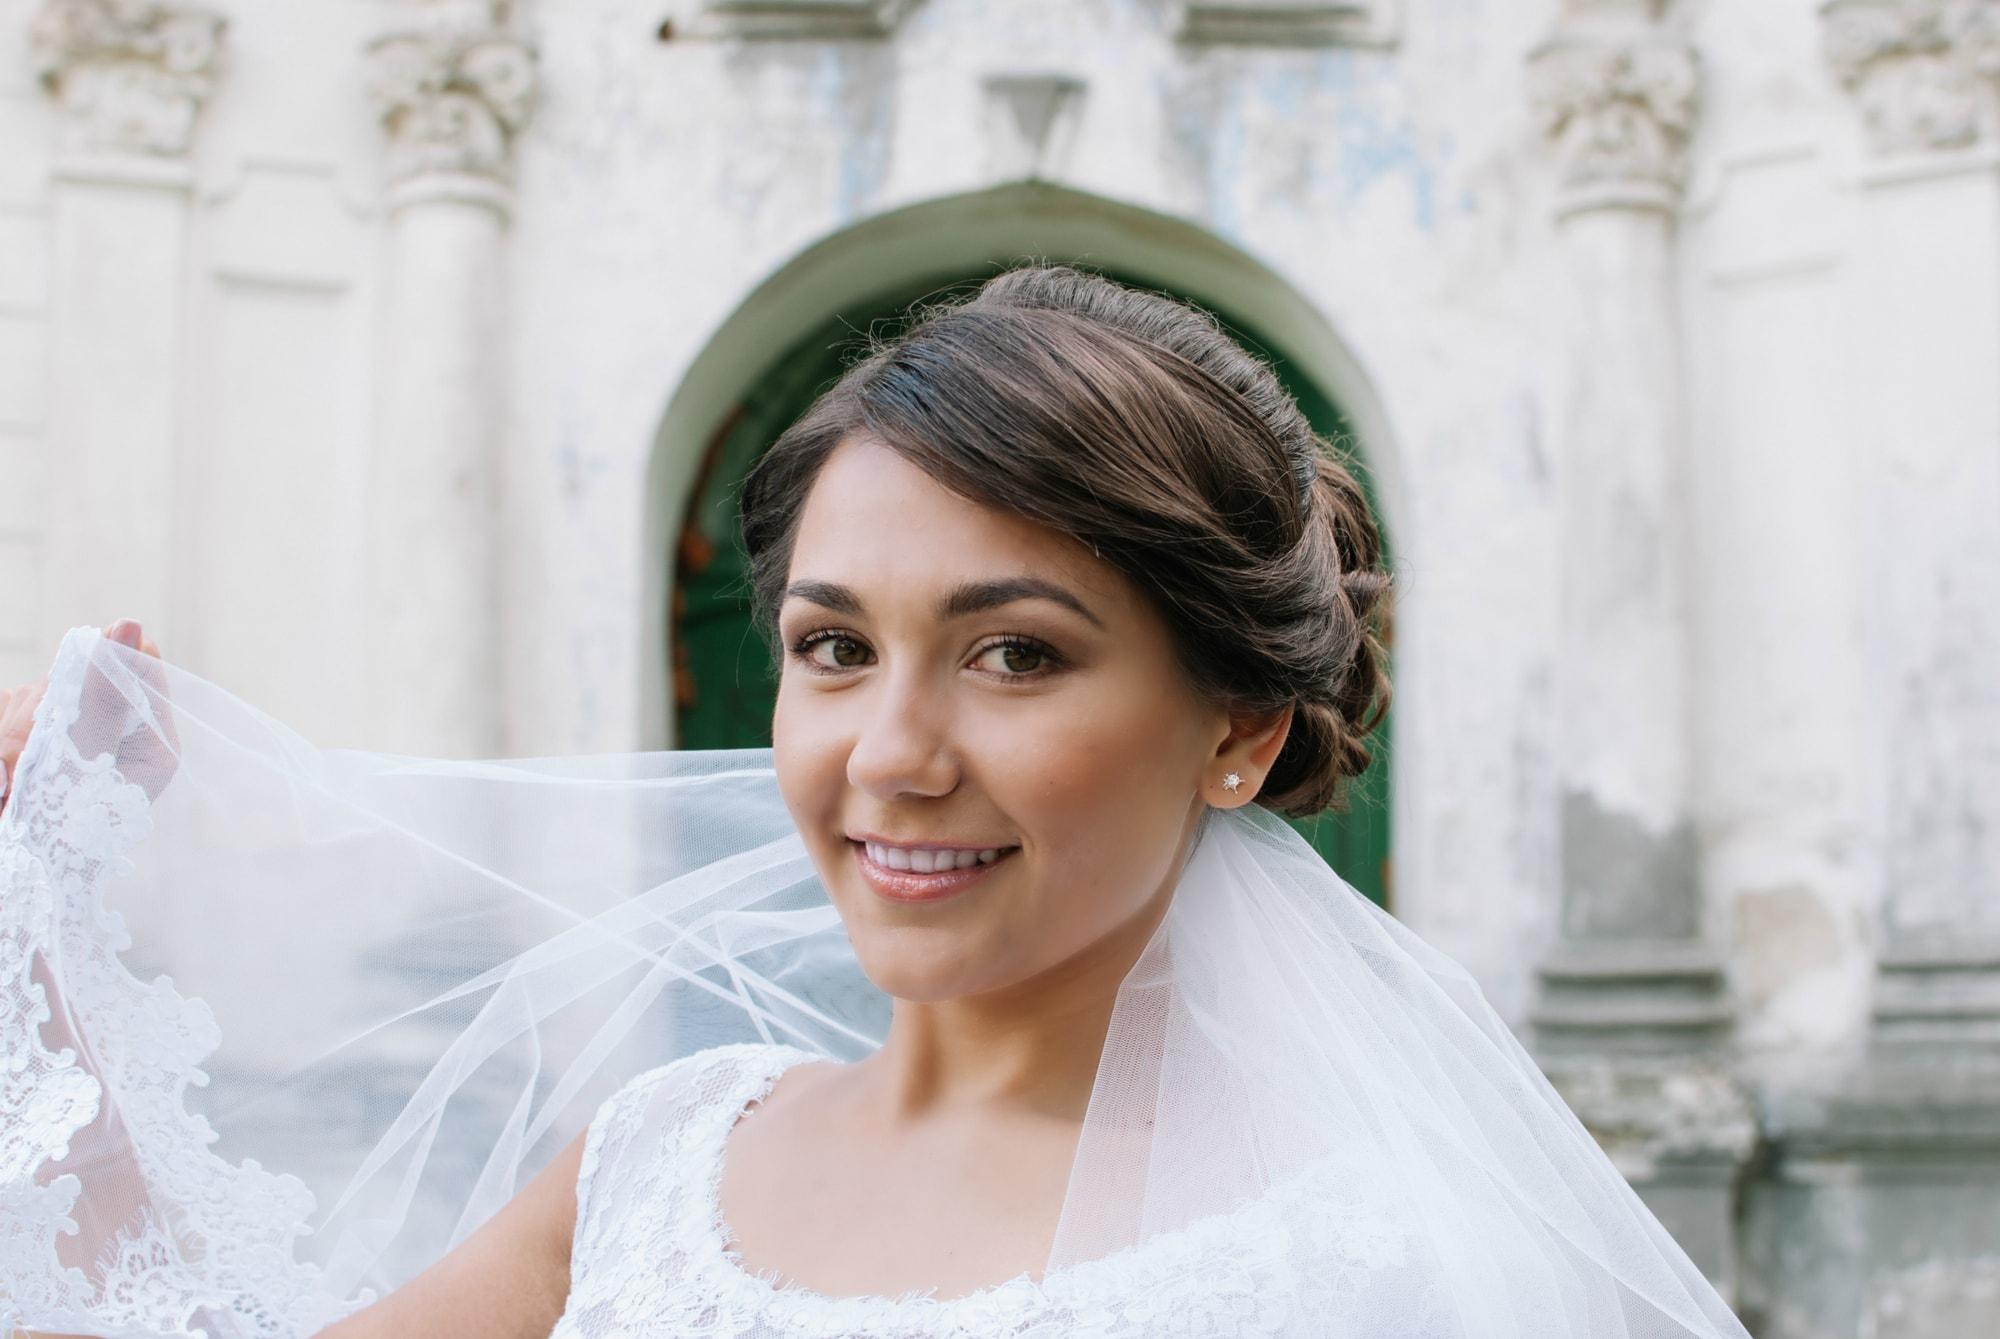 Фотография счастливой невесты - Фотограф Киев - Женя Лайт